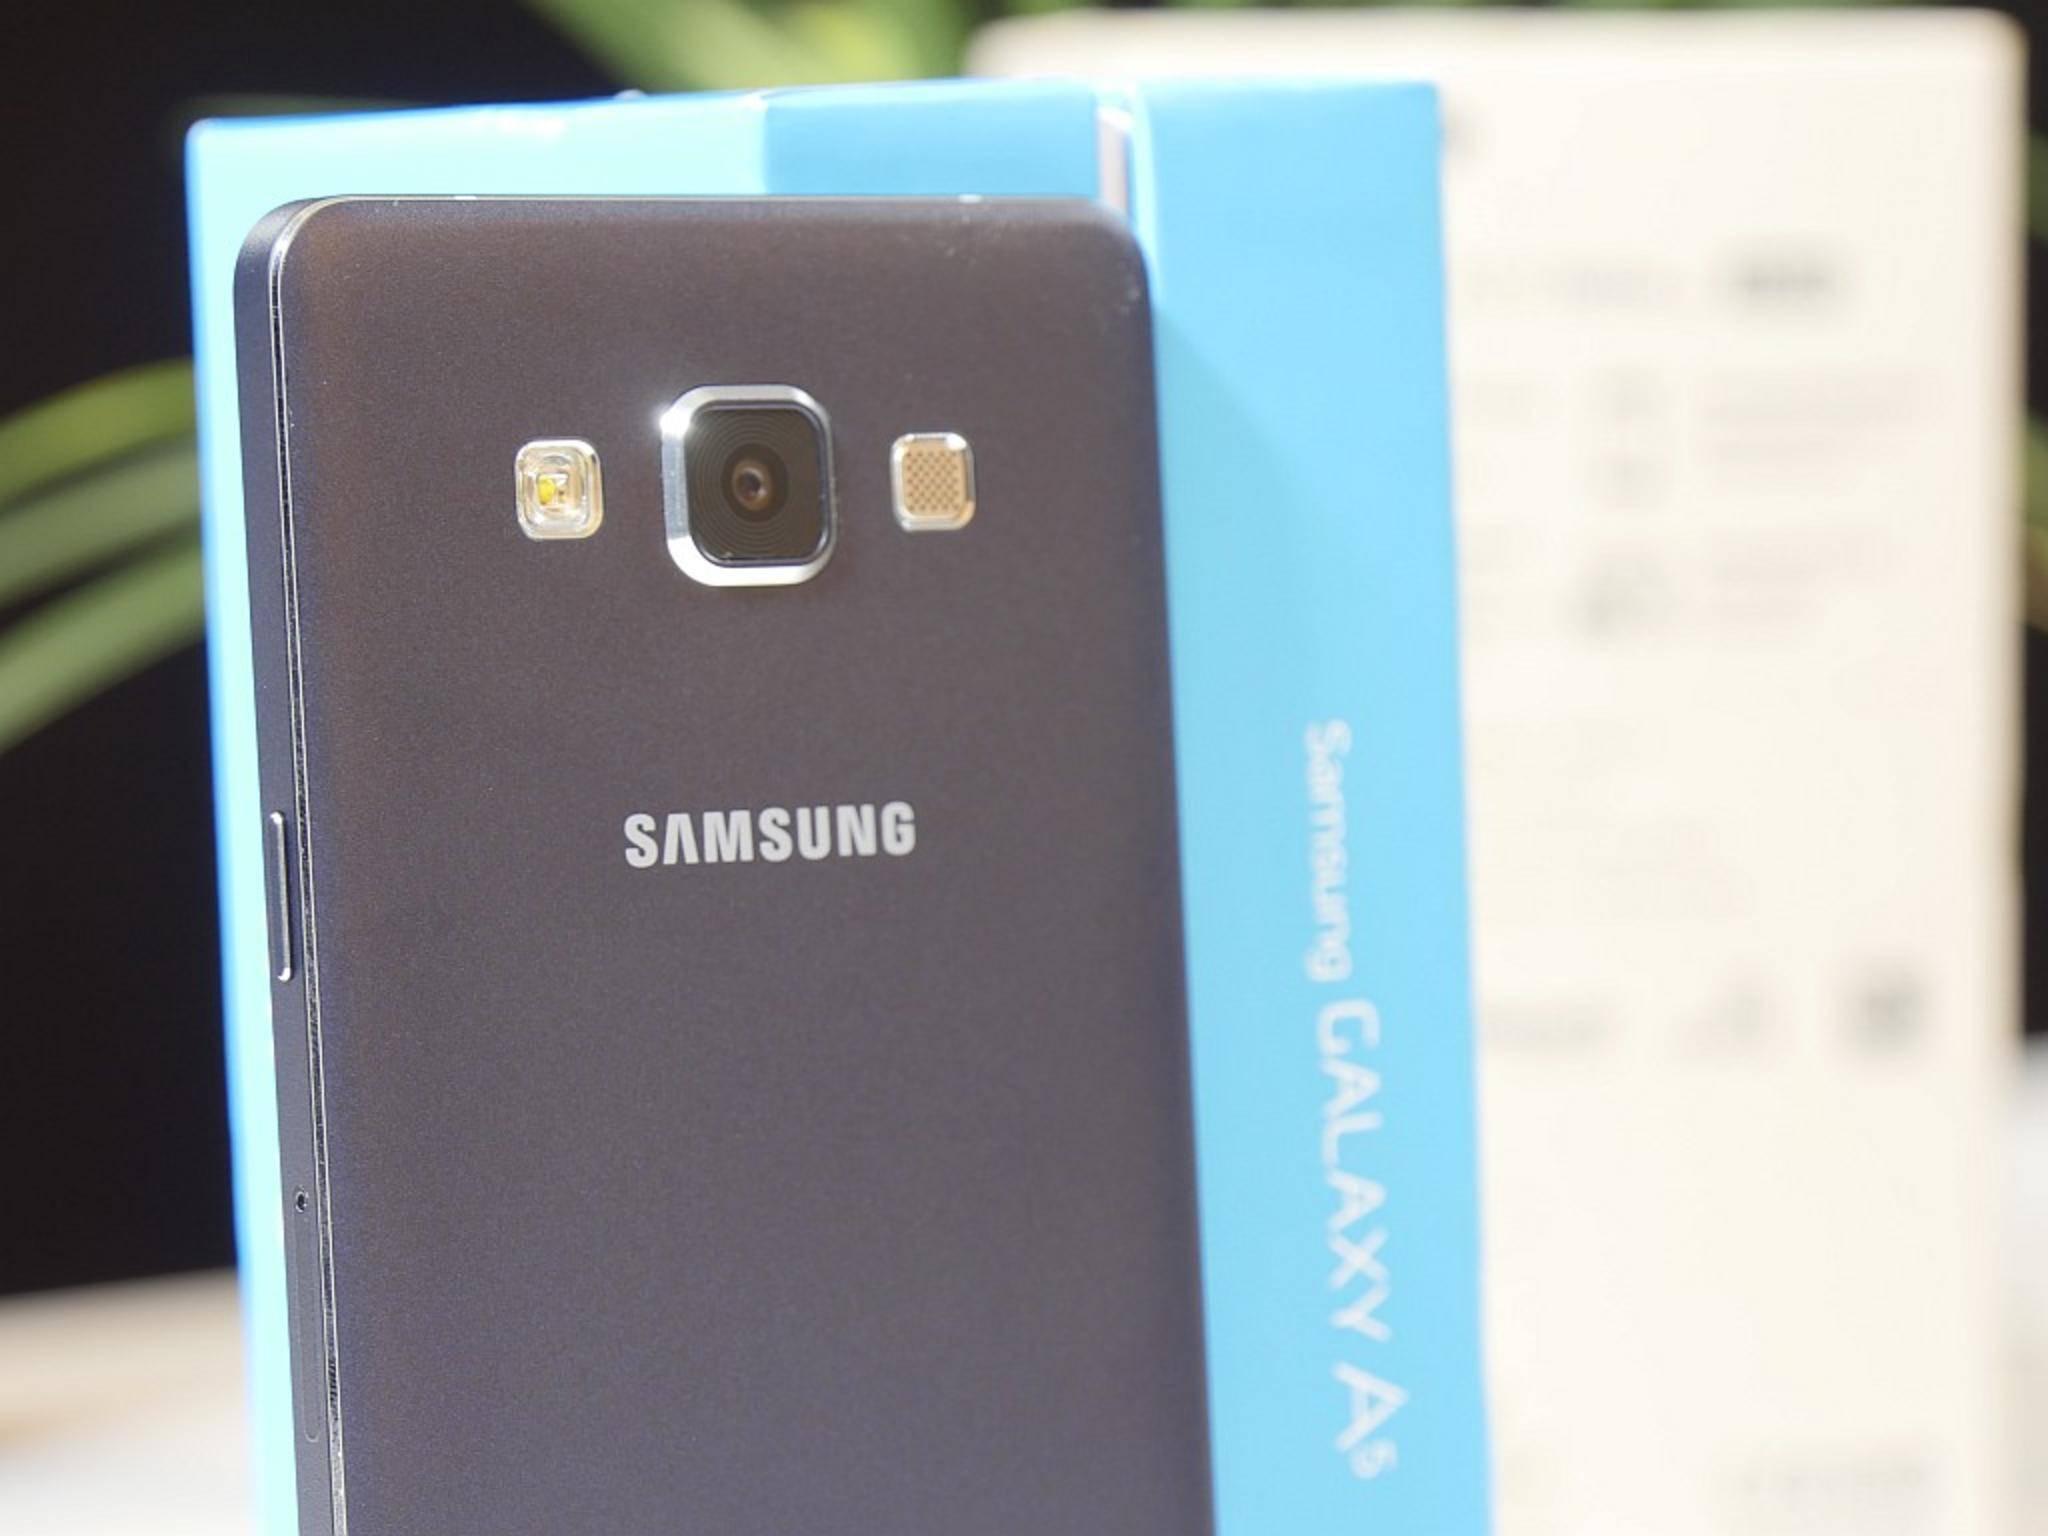 Auch für die Rückkamera bietet Samsung einen Selfie-Modus an.